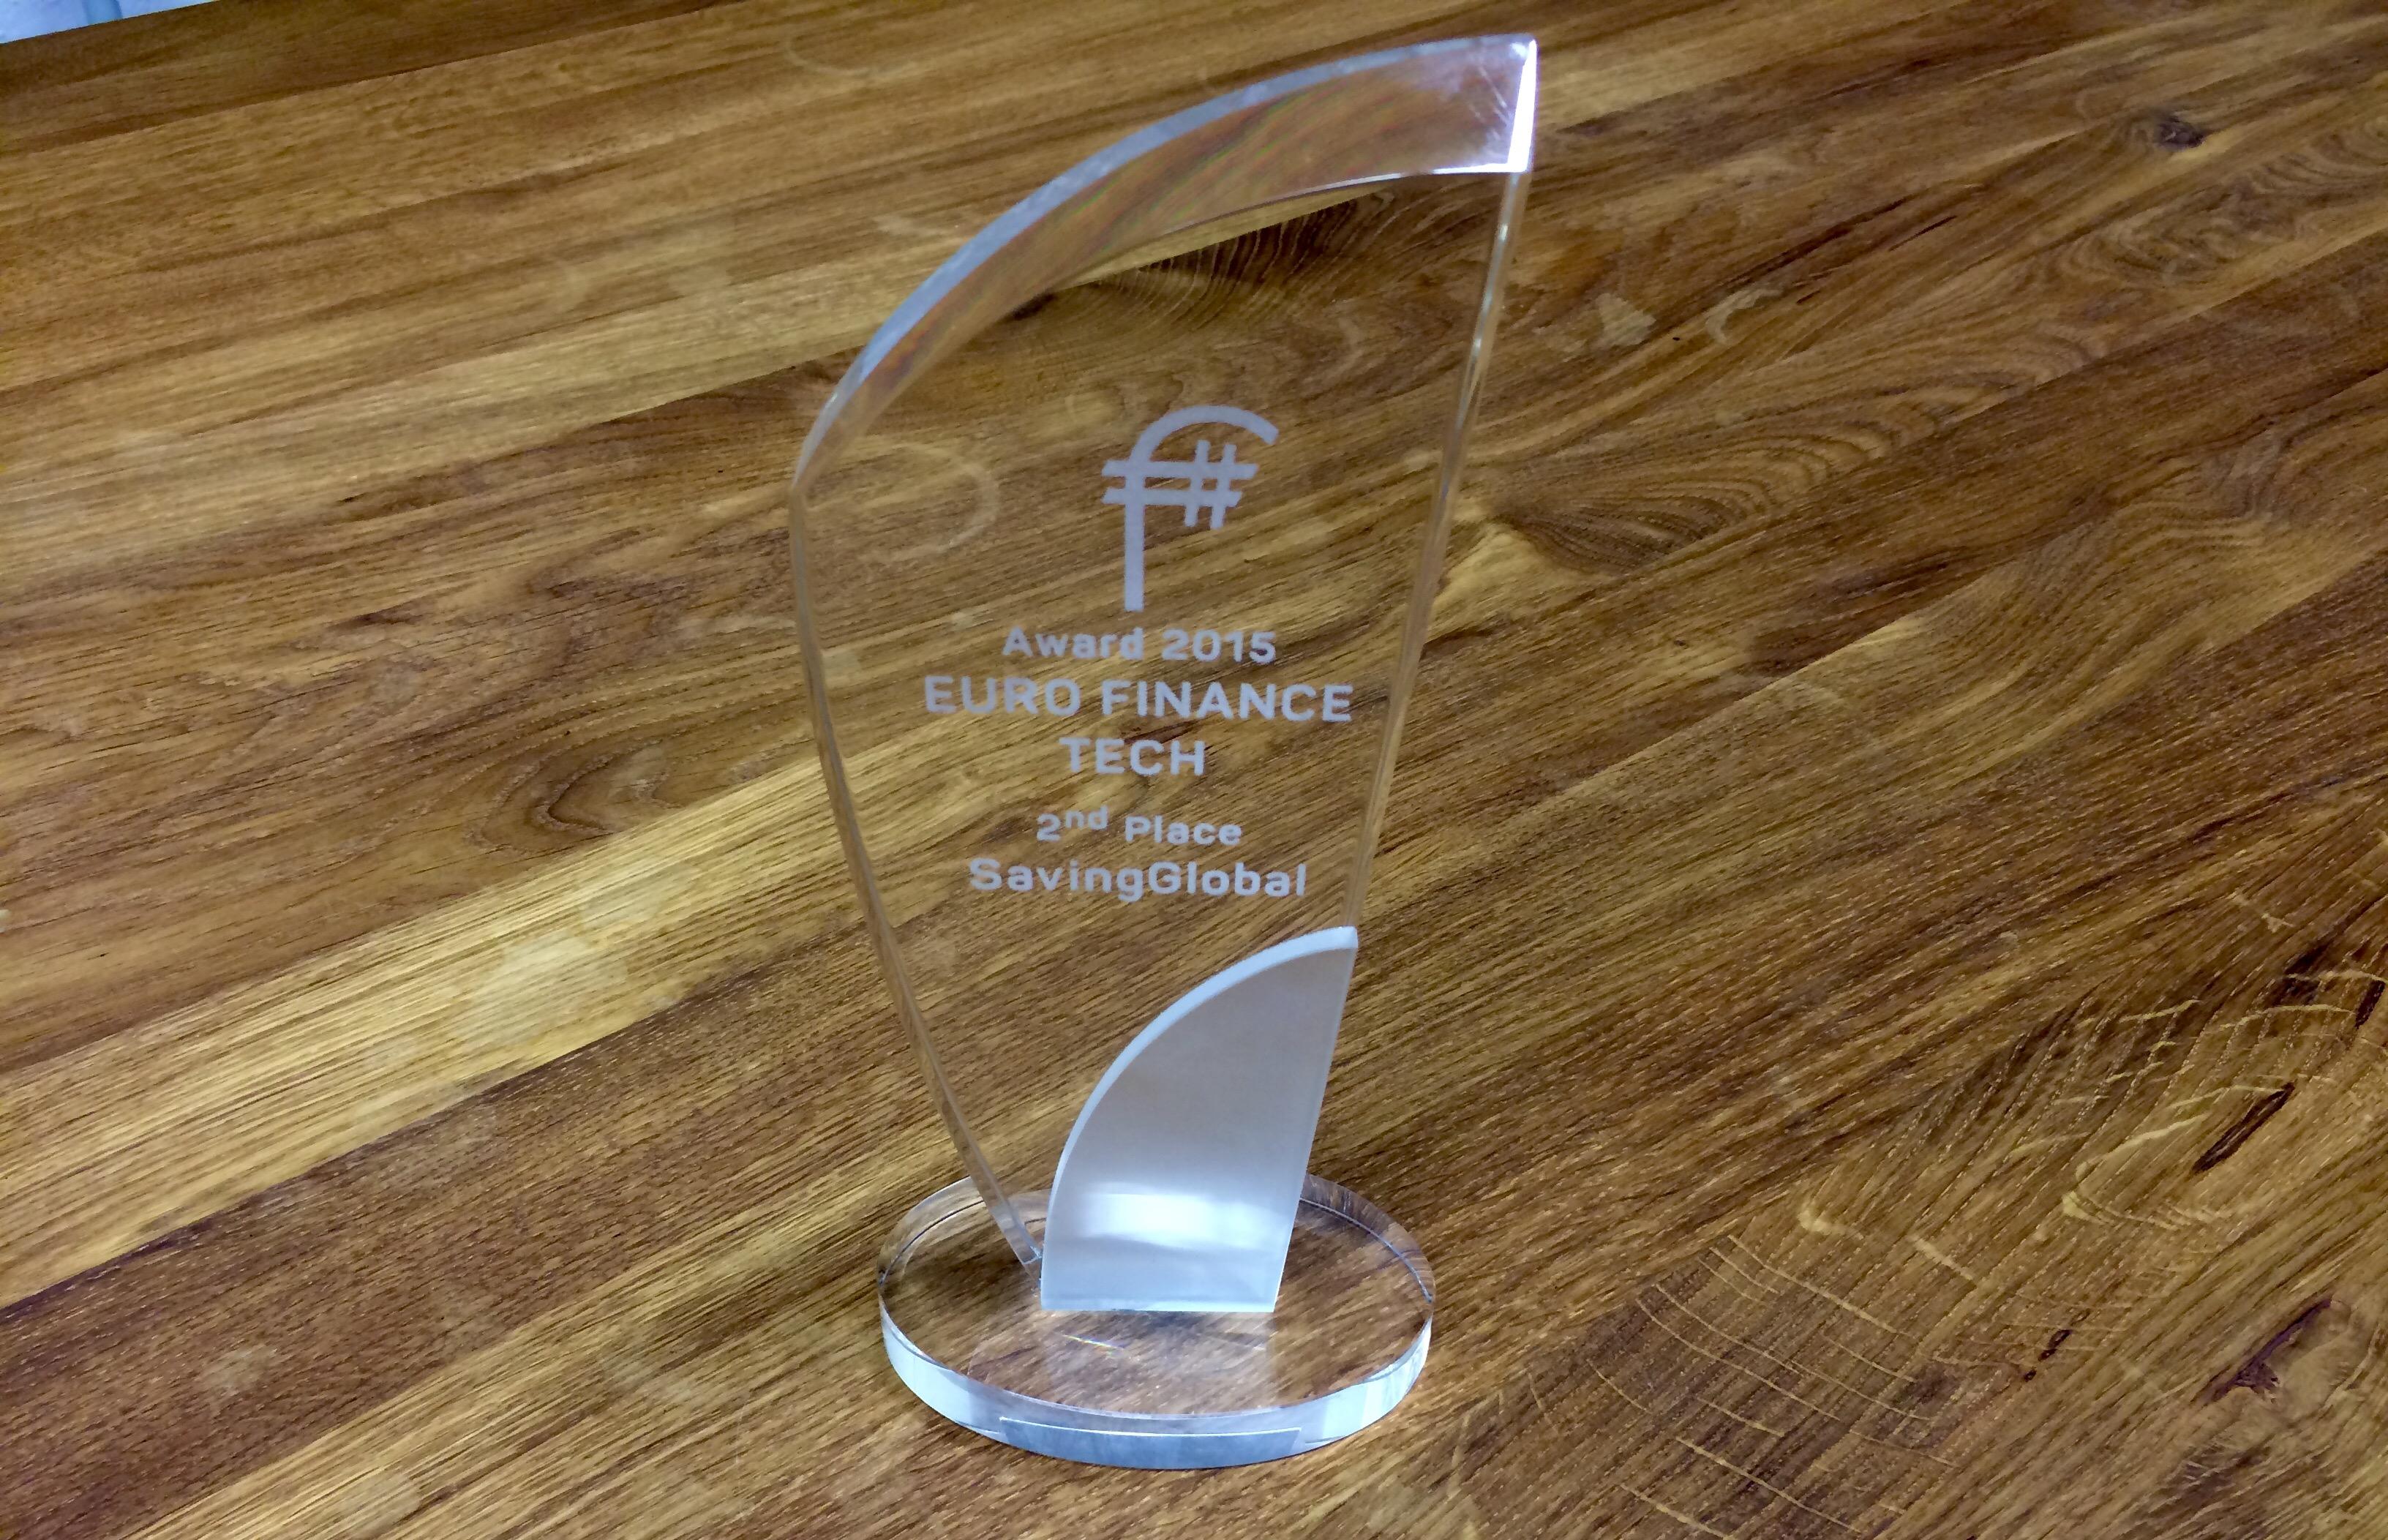 2. Platz des Euro Finance Tech Awards